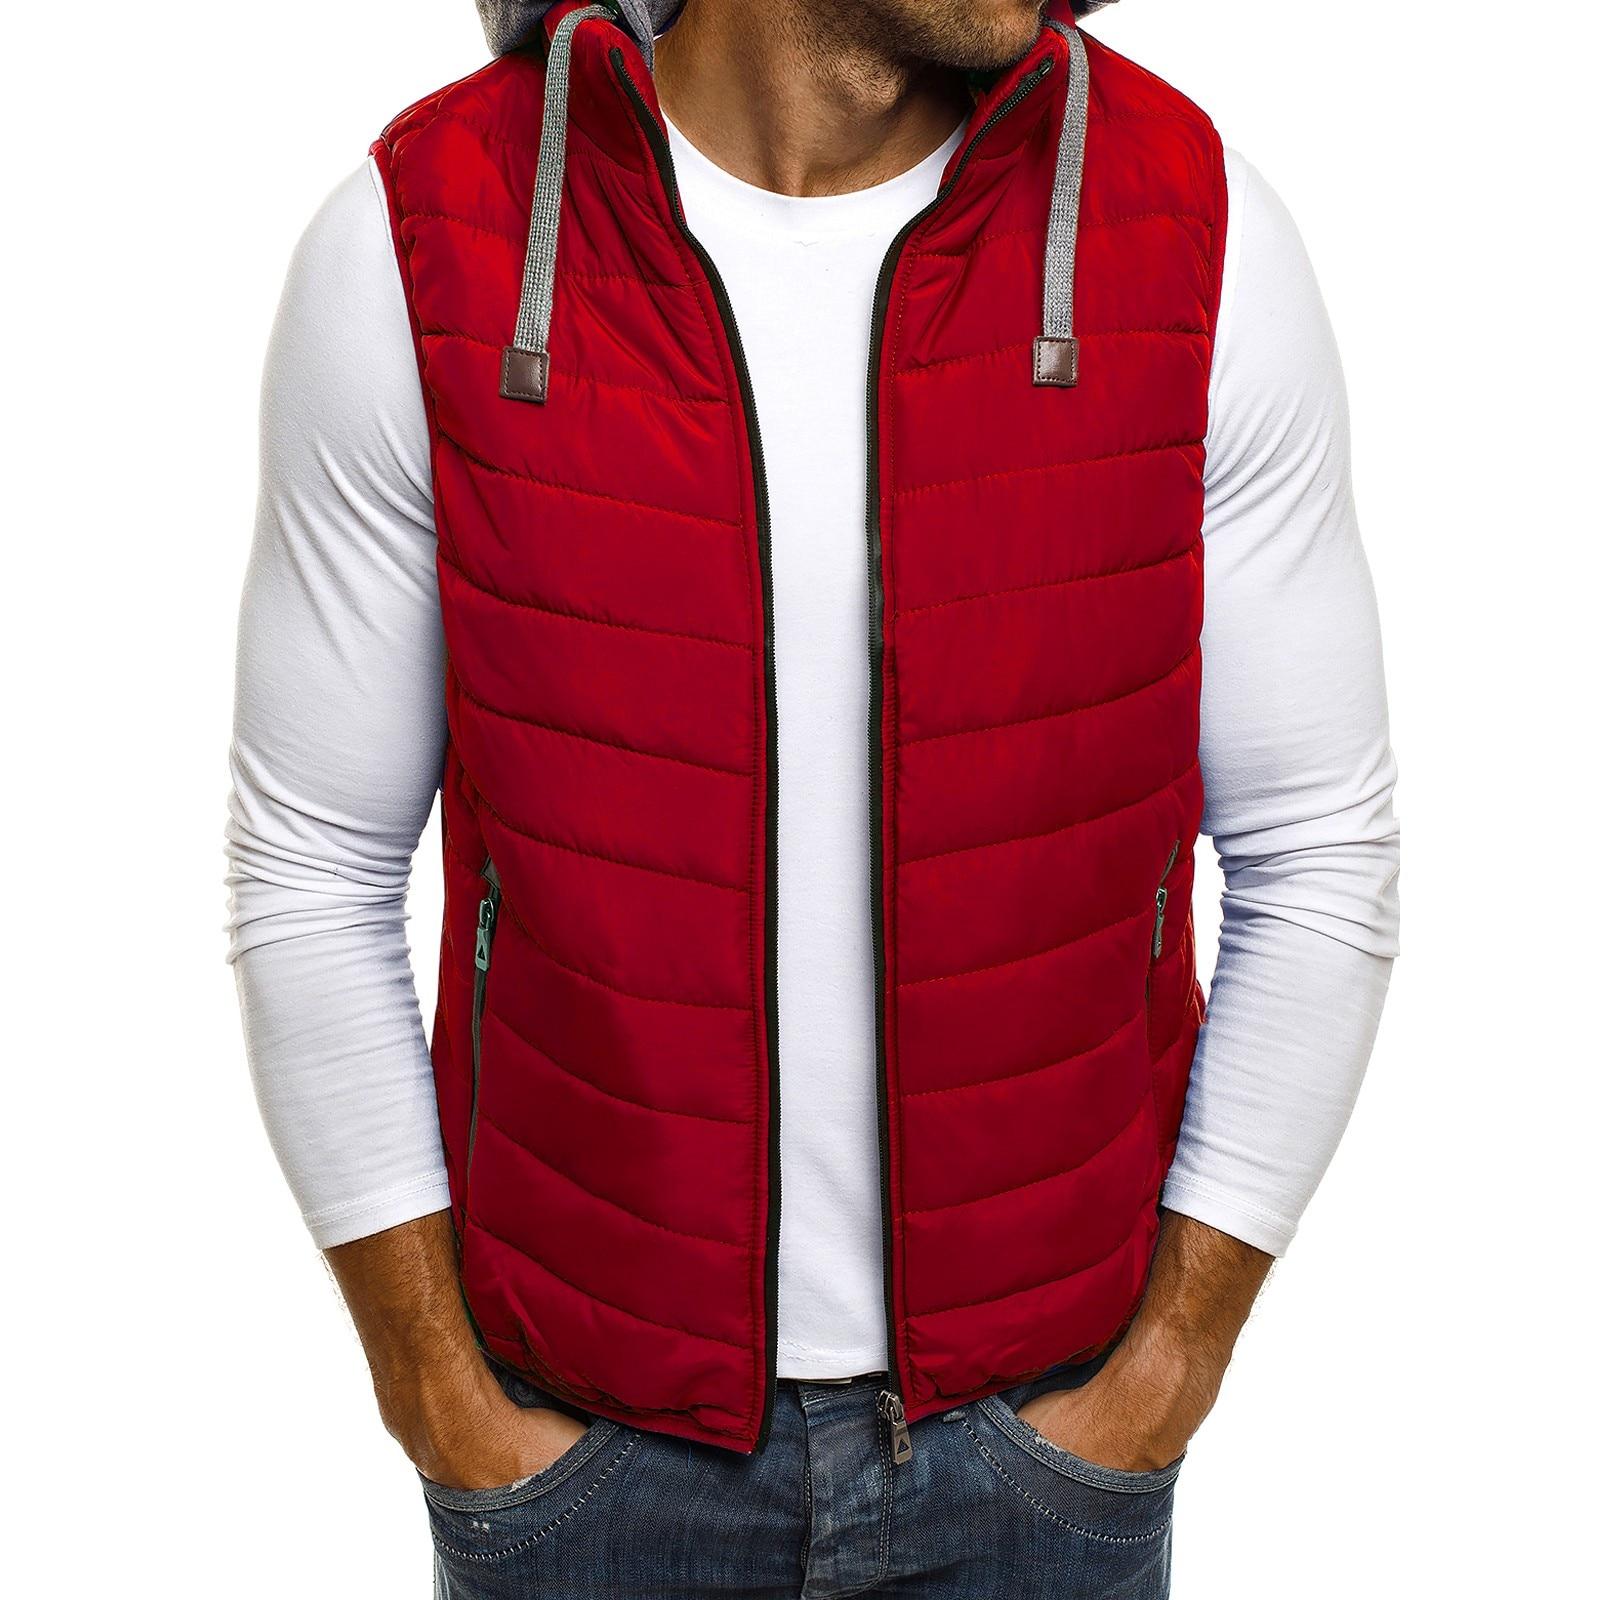 ZOGAA 2019 Duck Down Jacket Men Causal Solid Zipper Winter Sleeveless Coat Men Vest Puffer Jacket Men 5 Colors